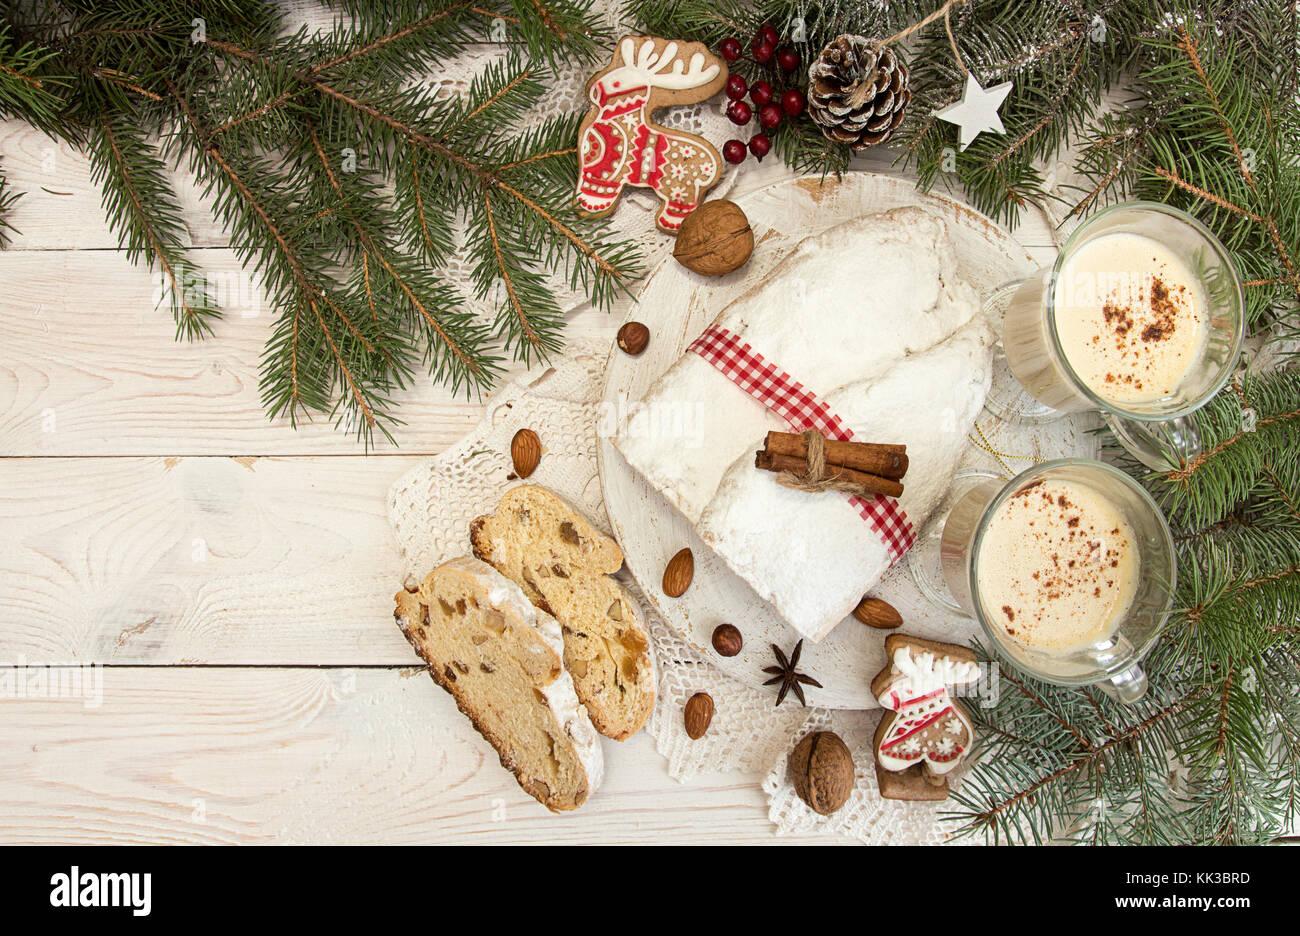 Traditionelle Weihnachten Dresdner Stollen Kuchen Mit Kandierten Früchten,  Mandeln, Gläser Eierlikör Auf Weißem Holz  Hintergrund.